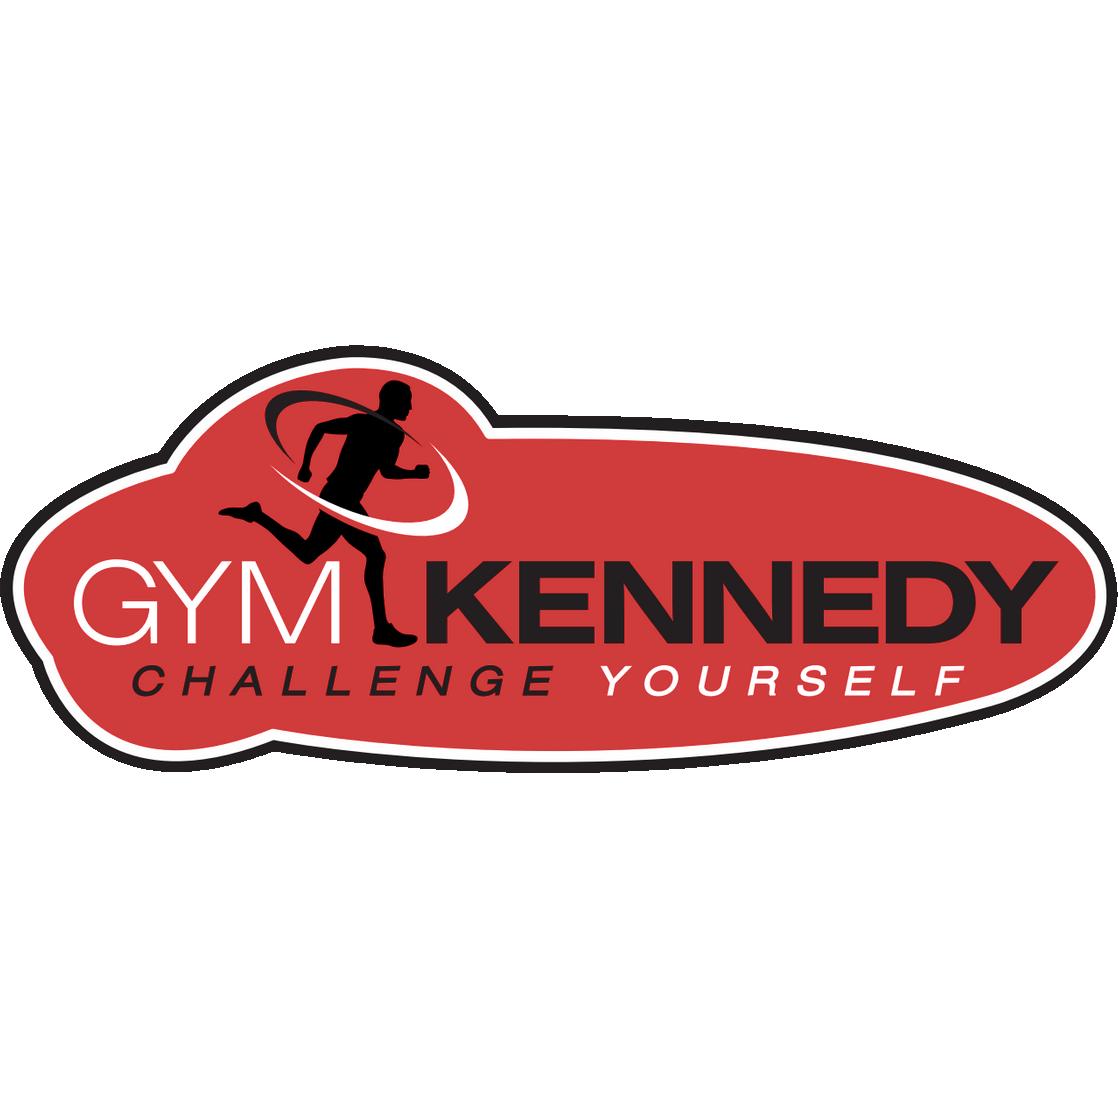 Gym Kennedy